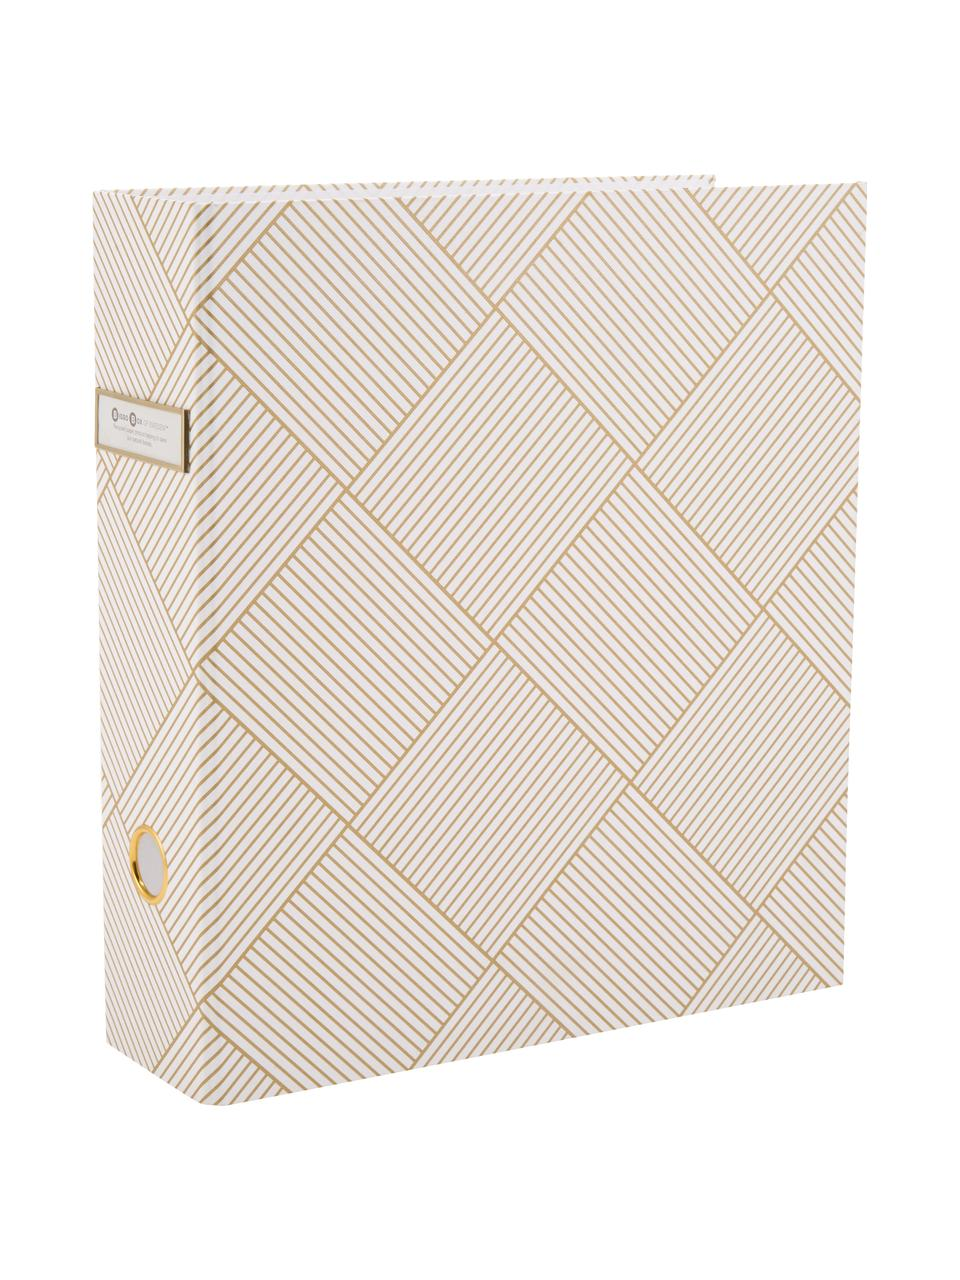 Dokumentenordner Archie, Goldfarben, Weiß, 29 x 32 cm